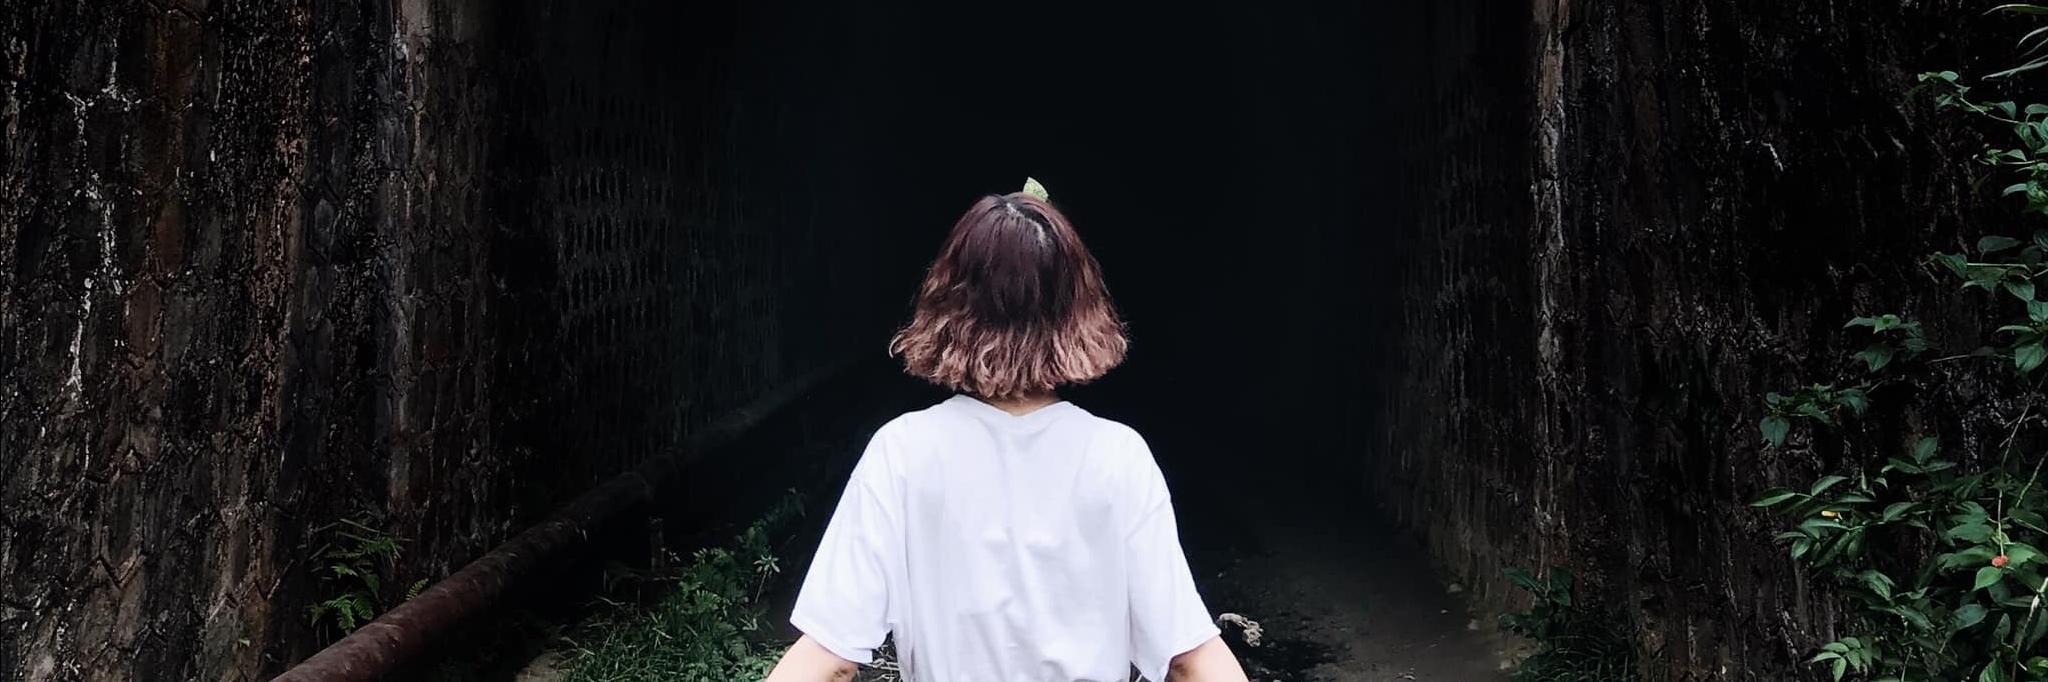 https://gody.vn/blog/guouhood6955/post/dalat-nhung-ngay-mua-bao-5042